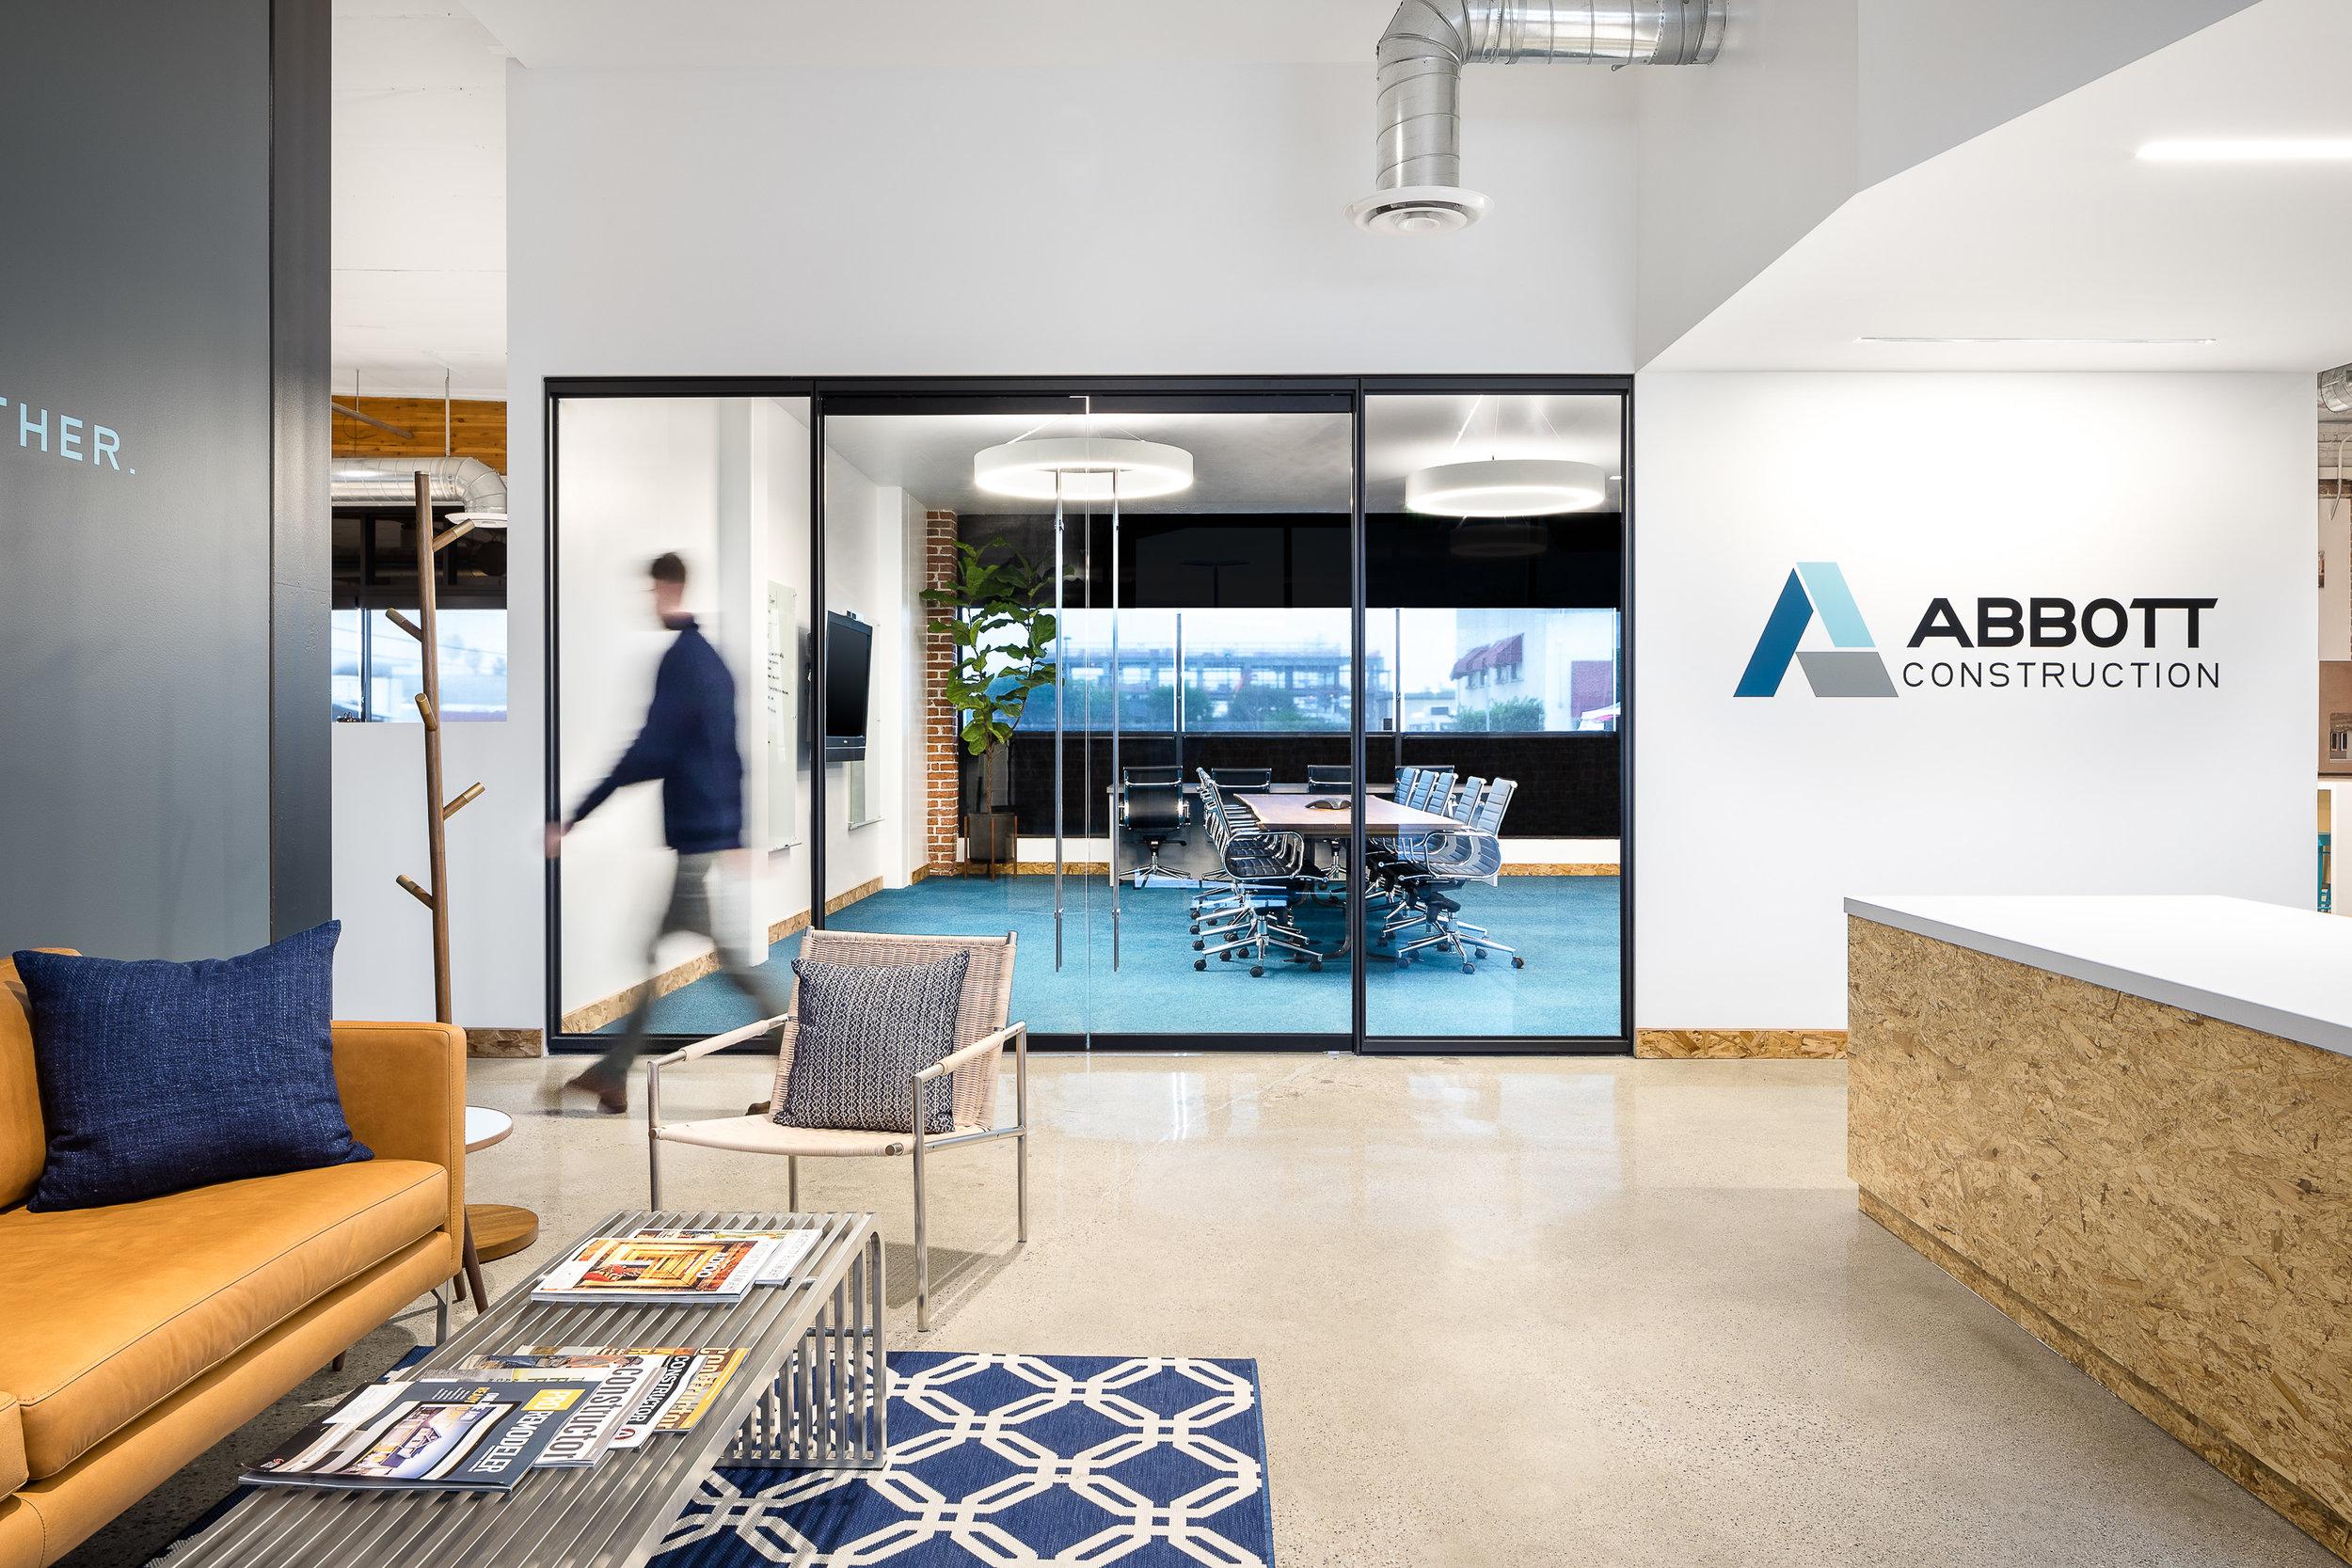 Abbott_Office-006.jpg